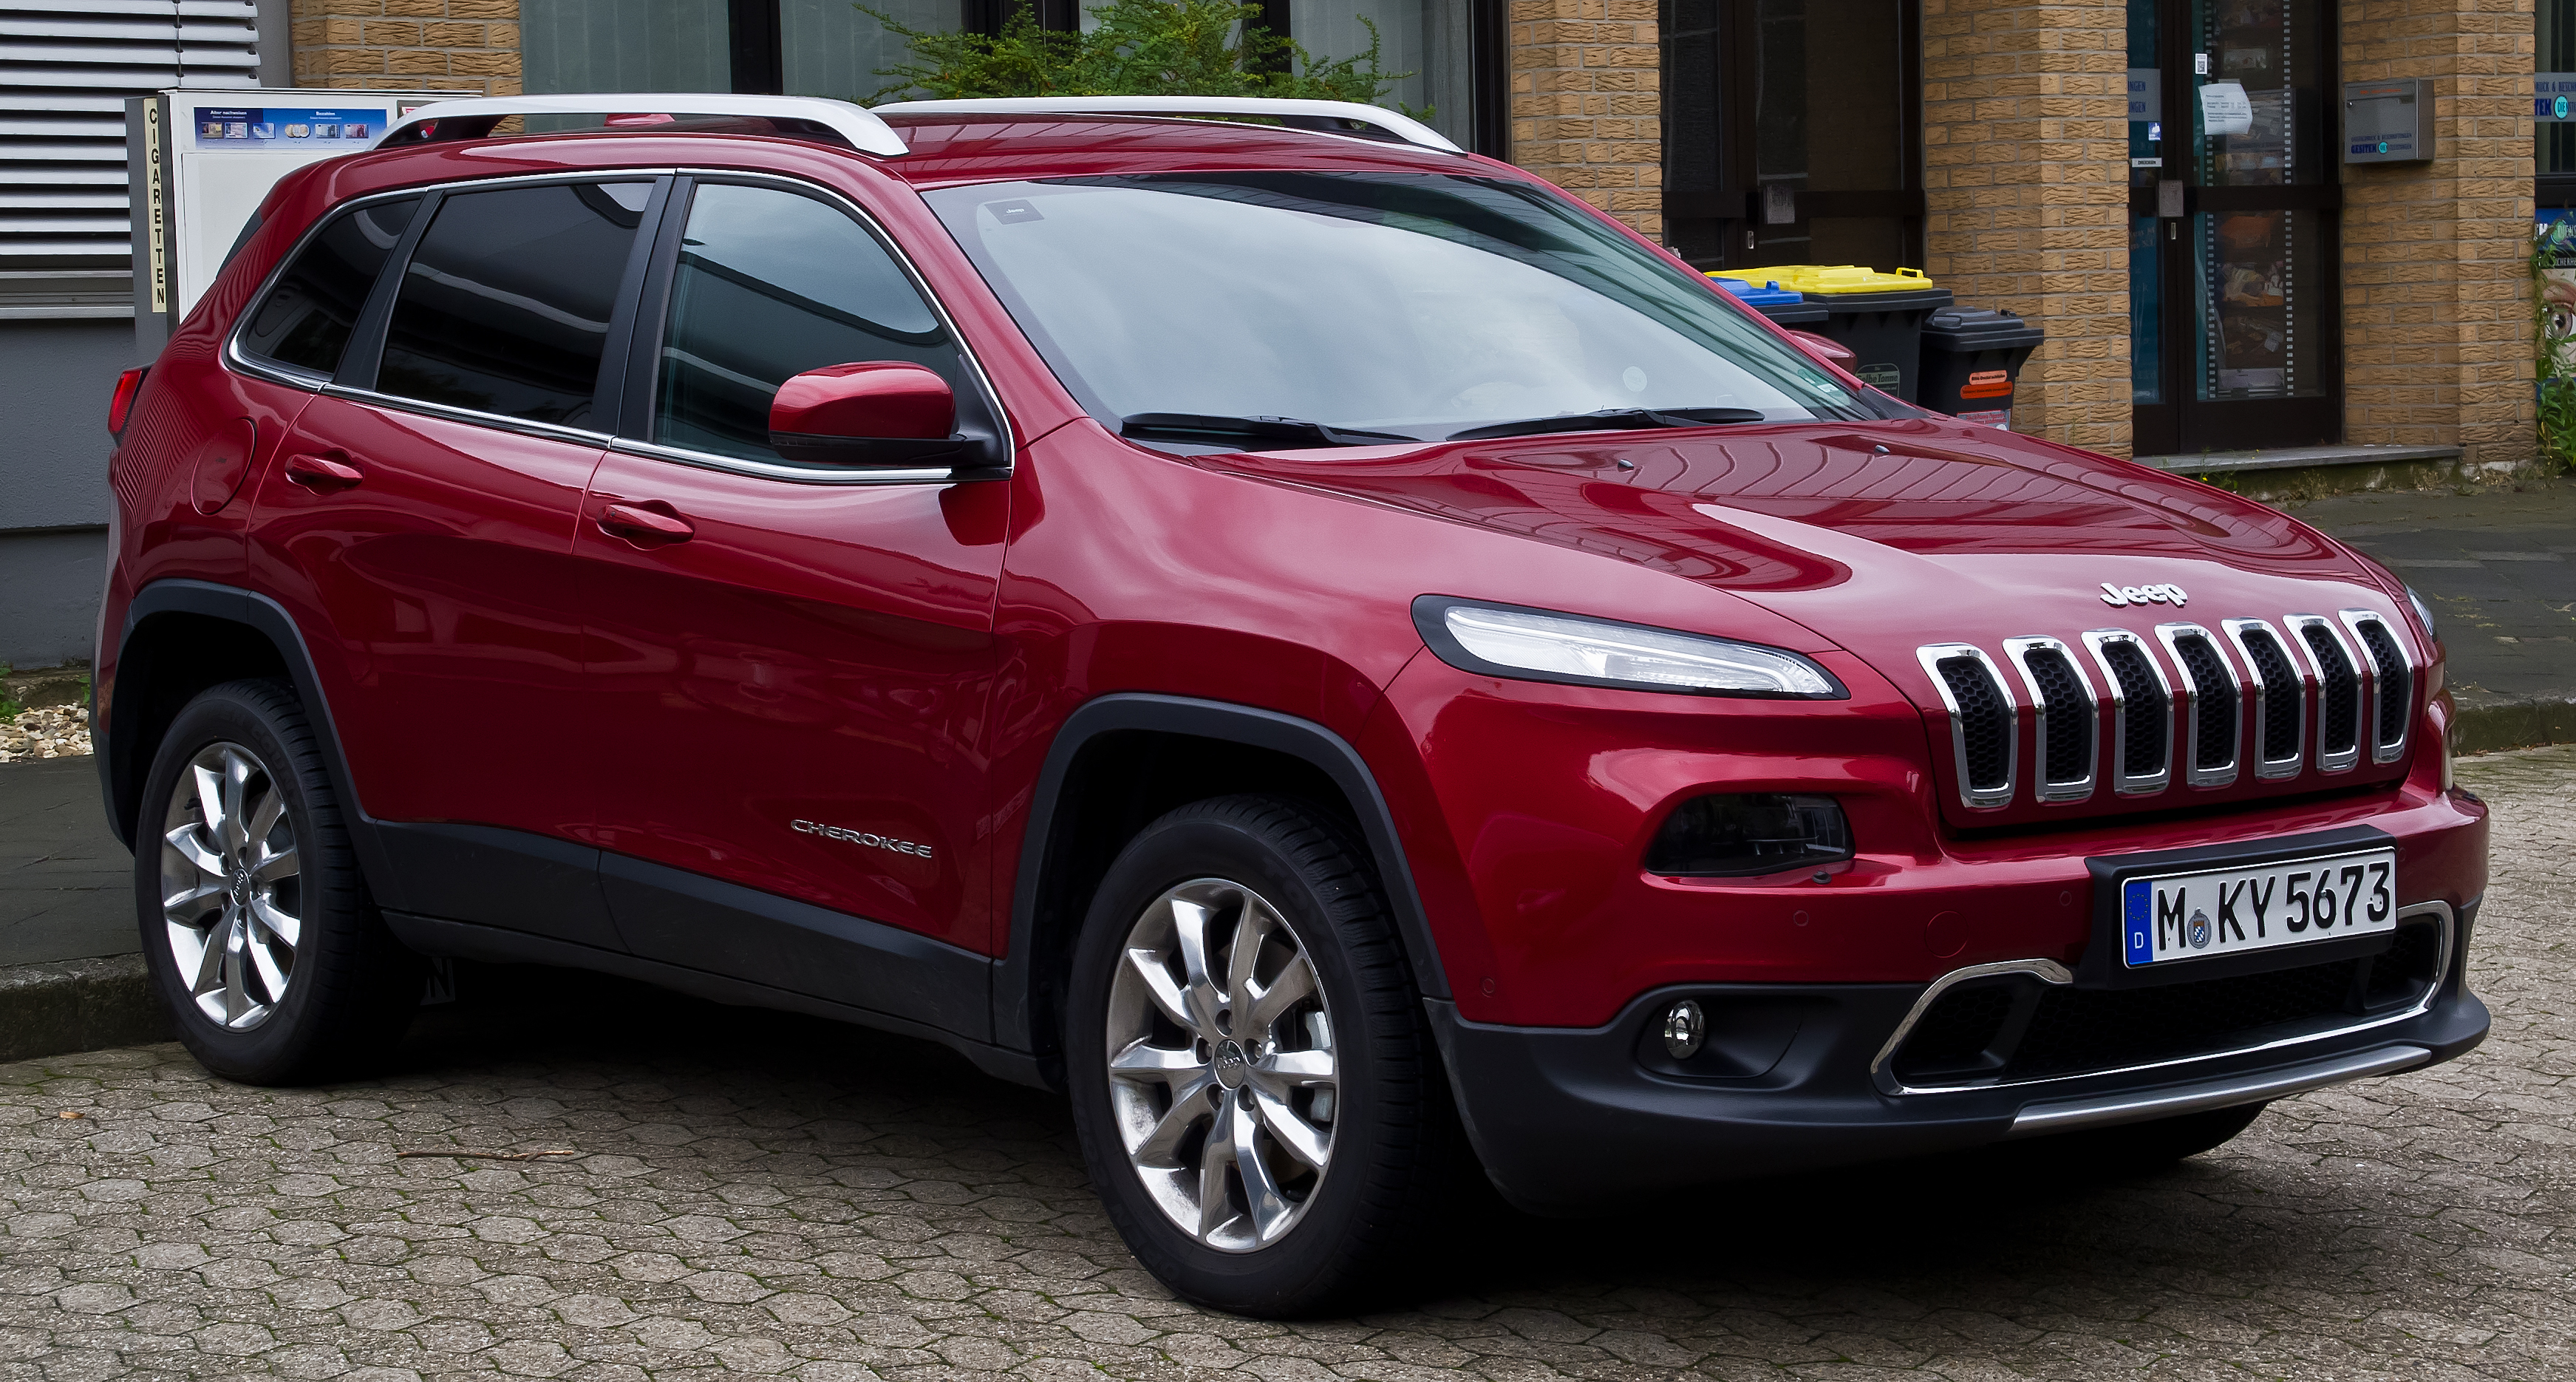 Miles Used Car Loan Rcu